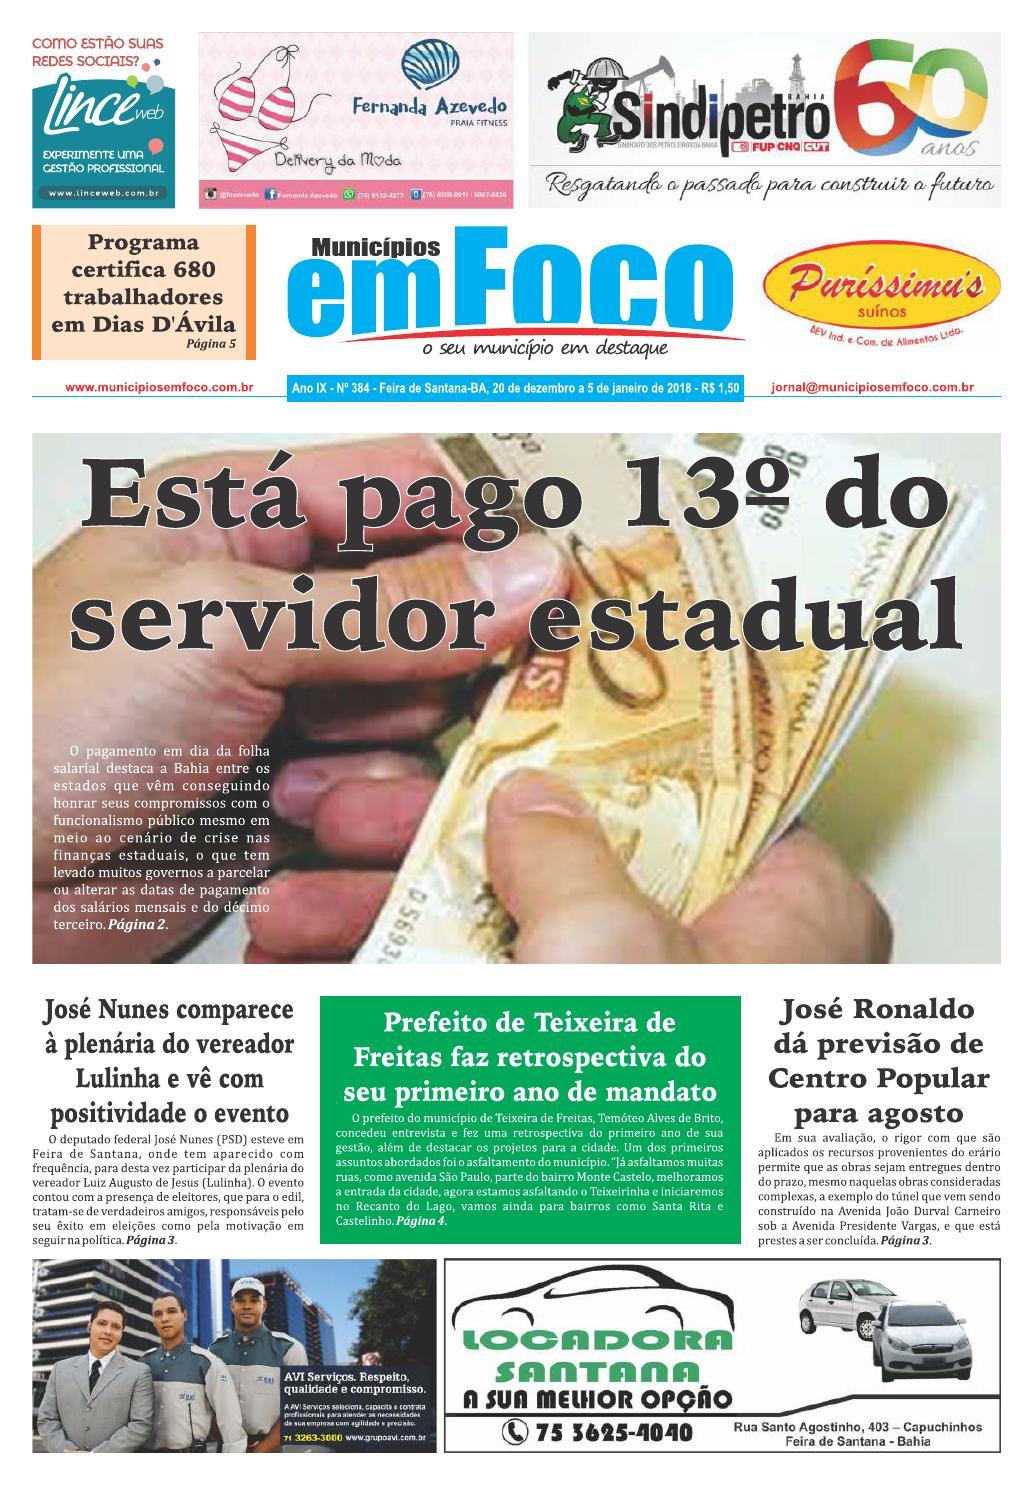 e23d01b08 Jornal municípios em foco edição nº 384 by Jornal Municípios em Foco - issuu